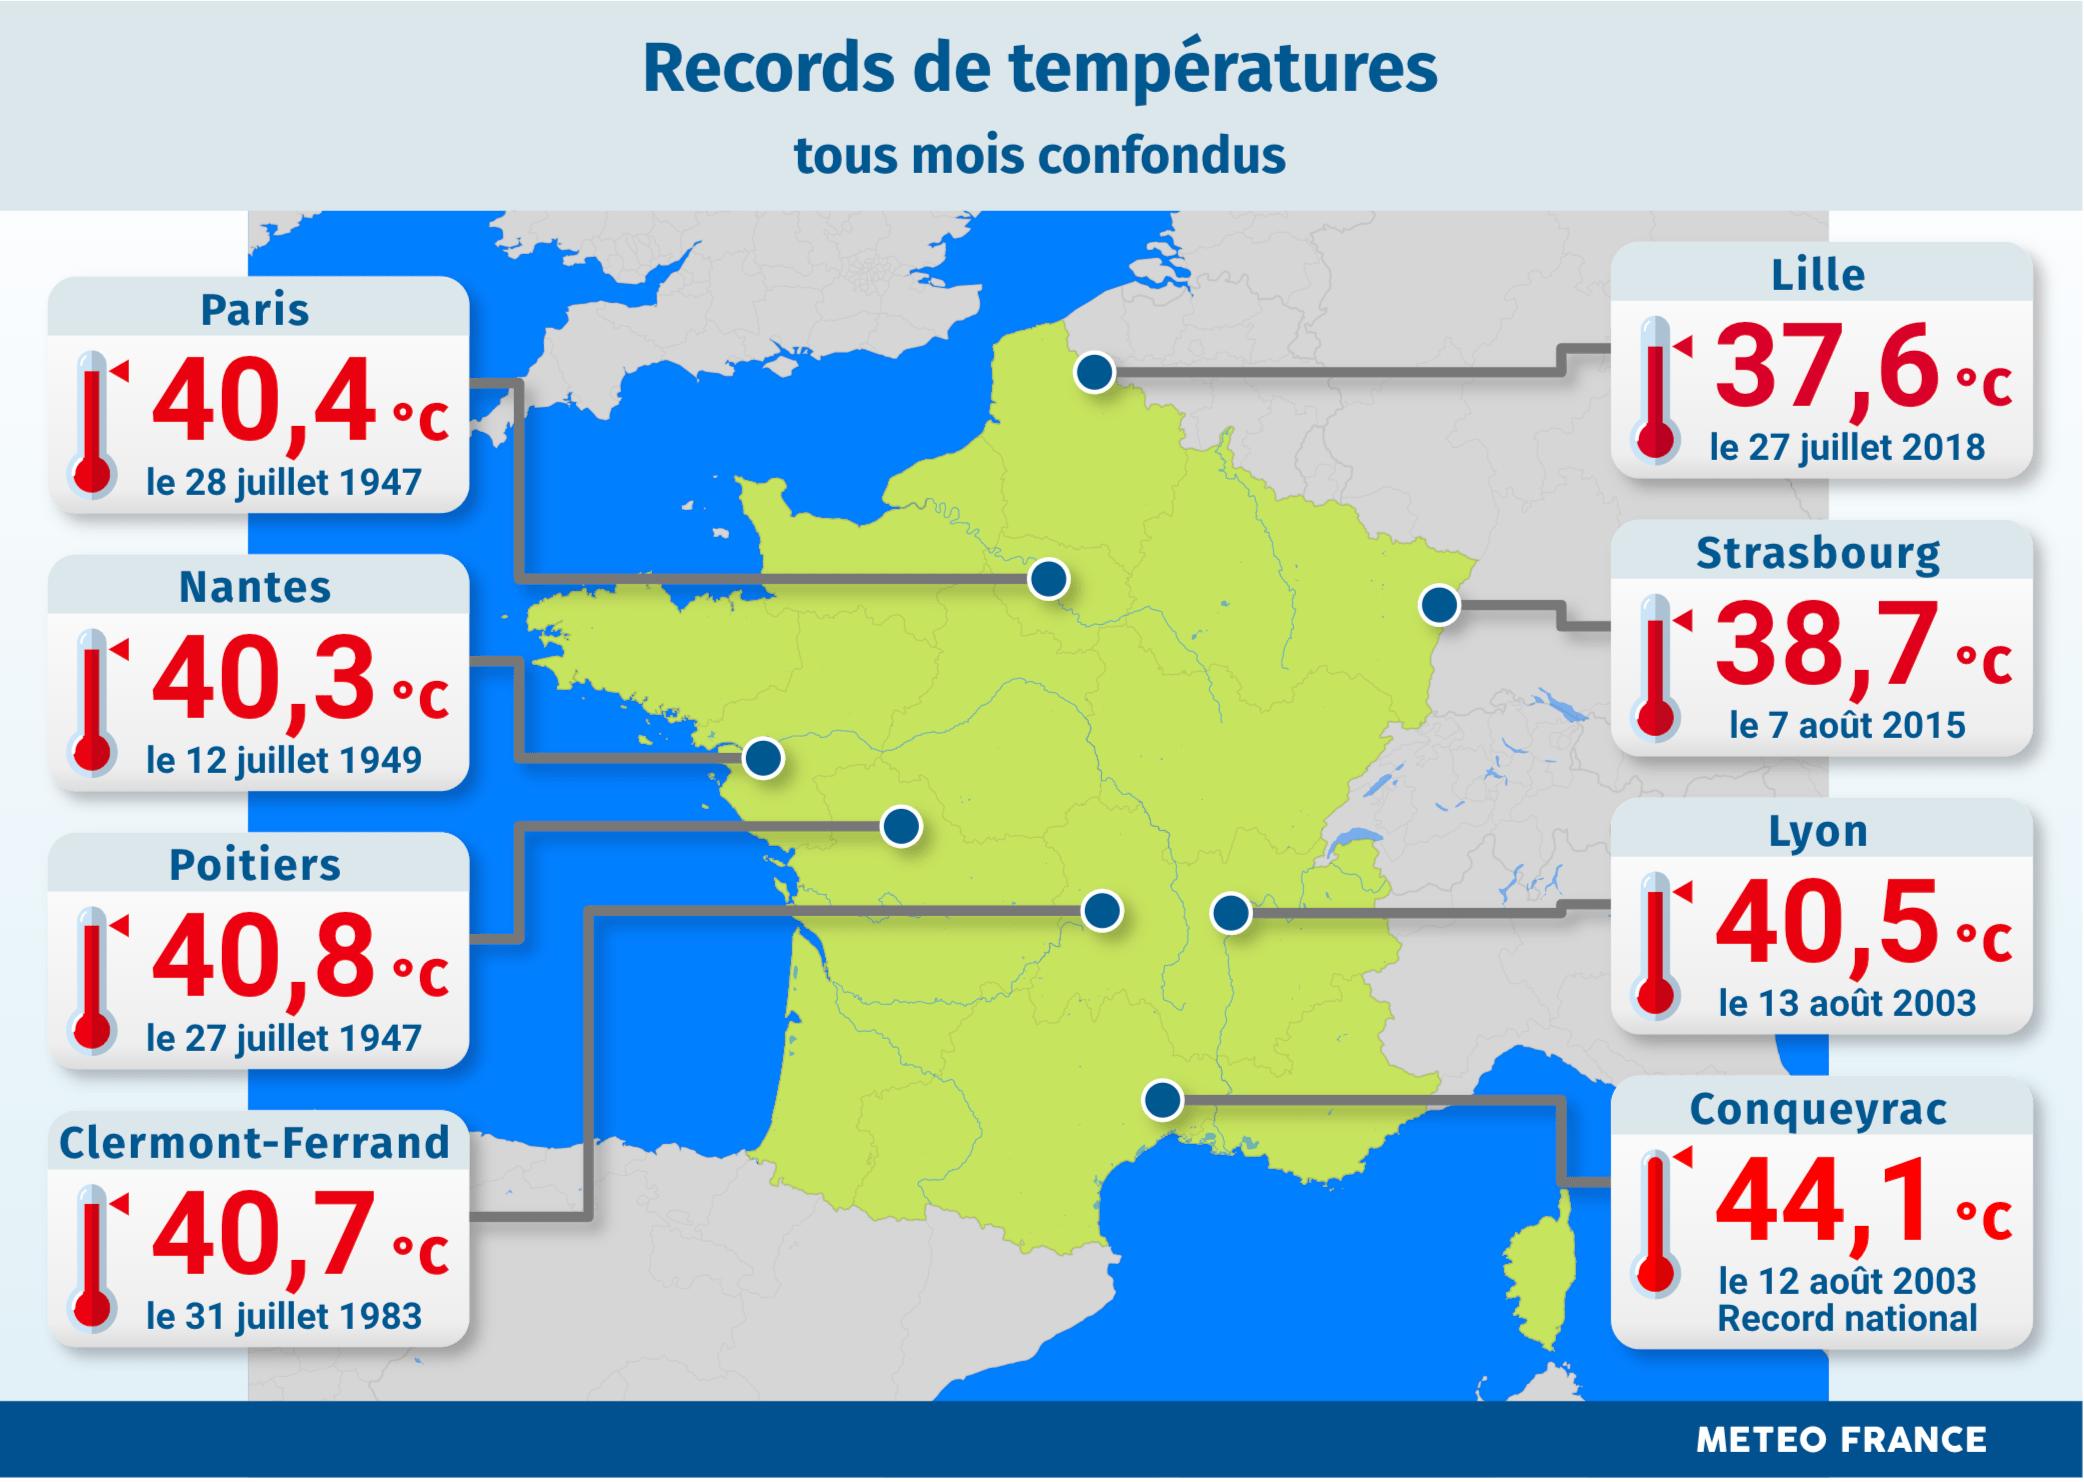 Losrécords anteriores en Francia. Datos de meteofrance.fr